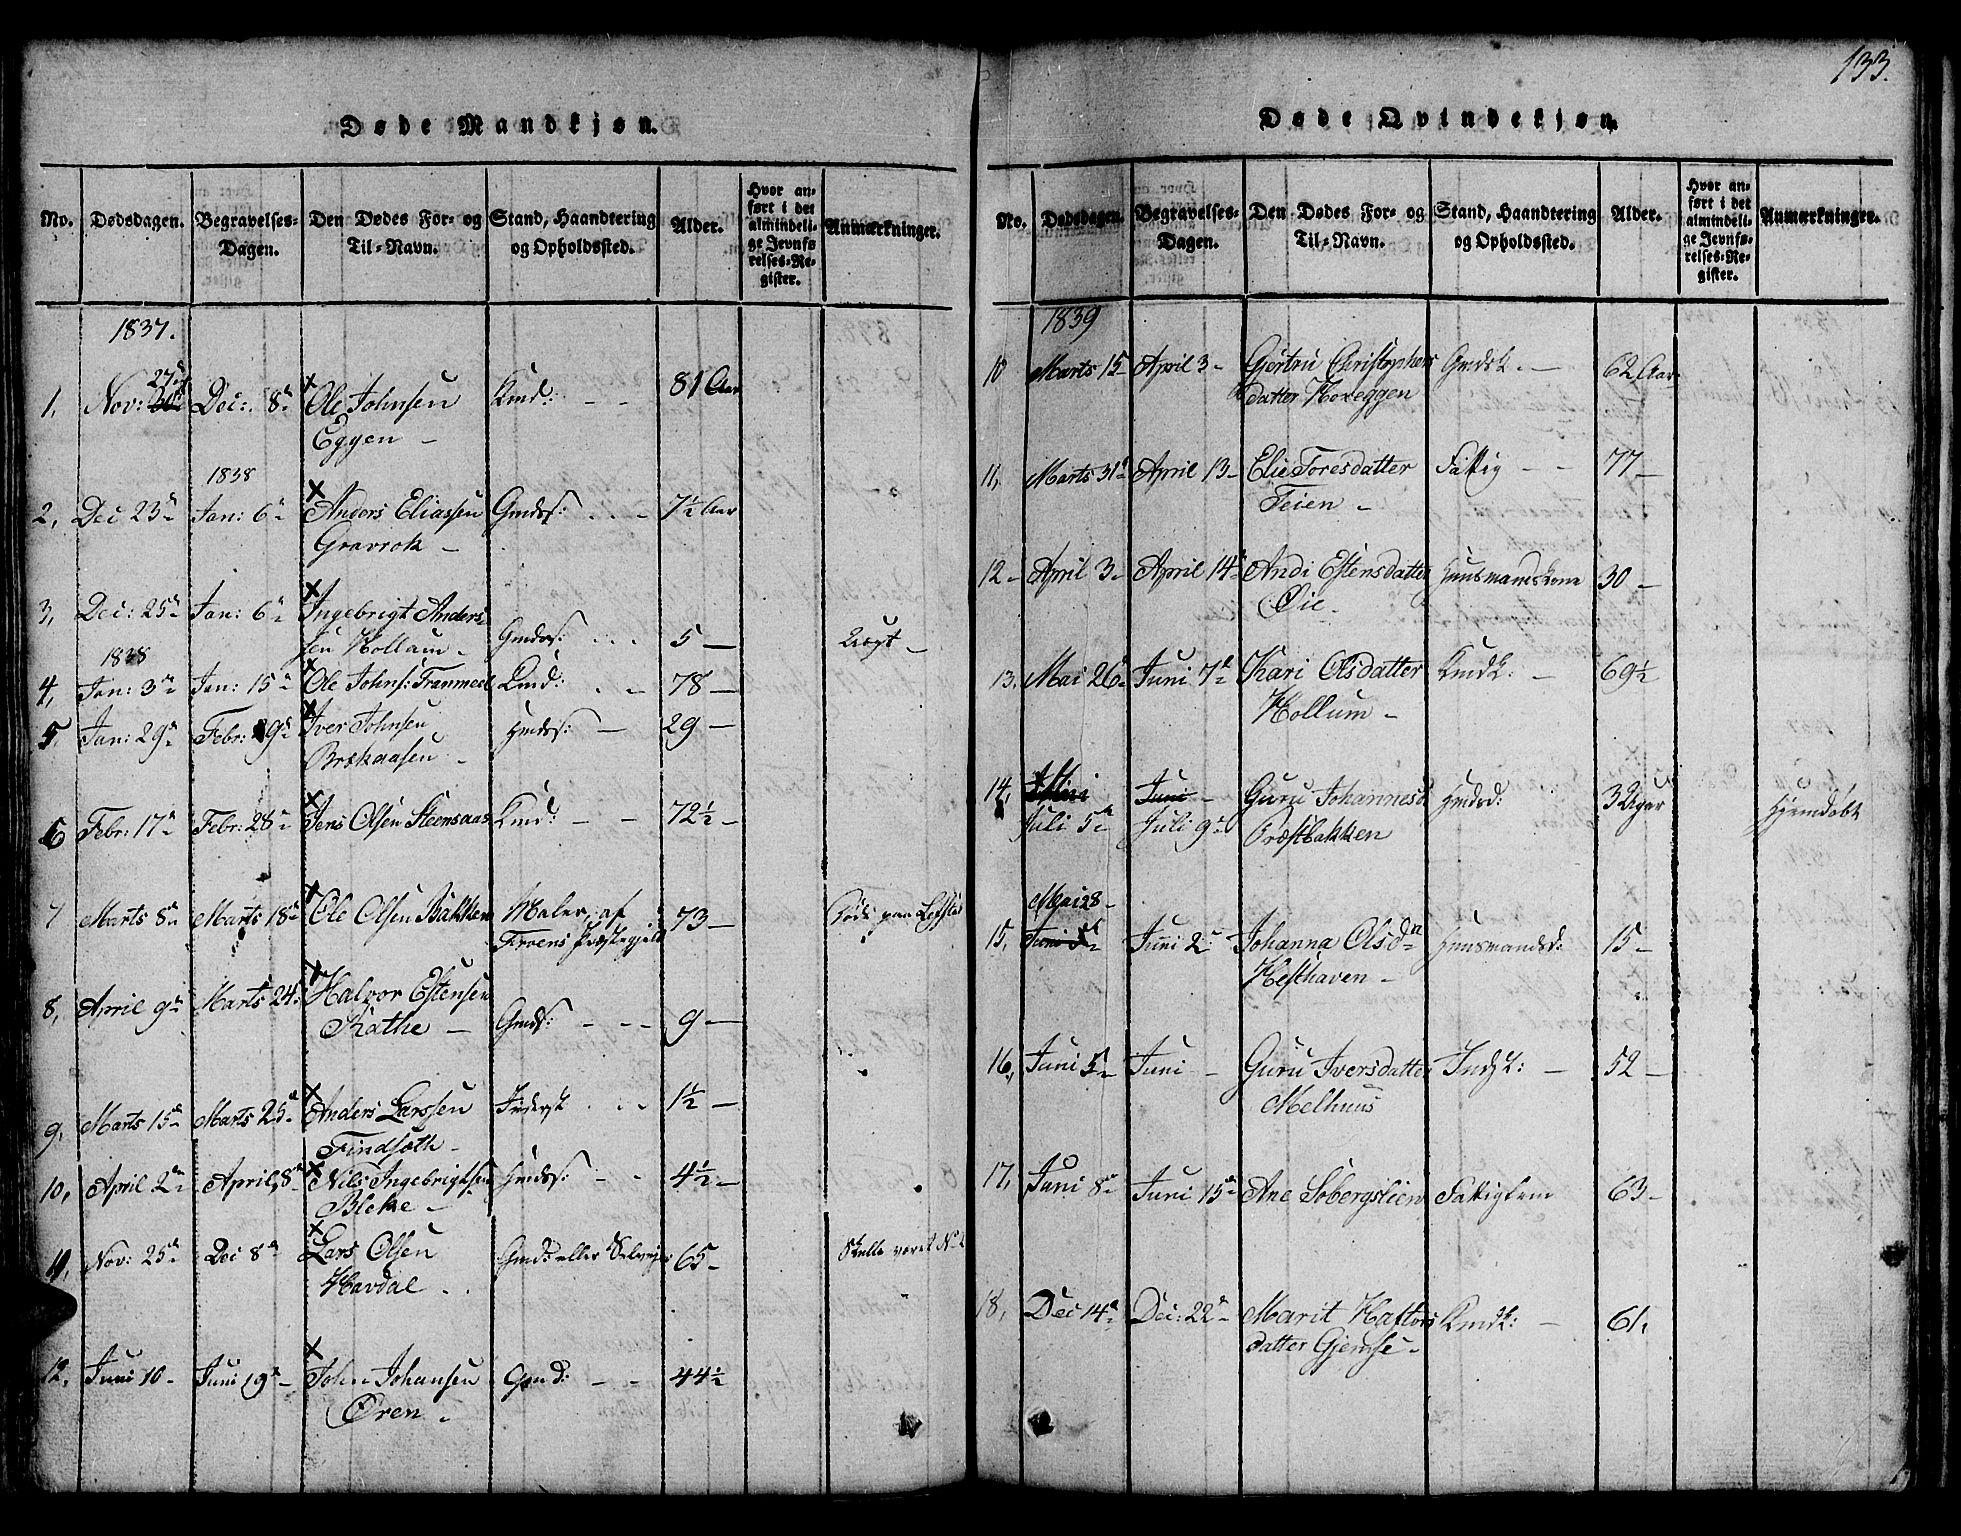 SAT, Ministerialprotokoller, klokkerbøker og fødselsregistre - Sør-Trøndelag, 691/L1092: Klokkerbok nr. 691C03, 1816-1852, s. 133